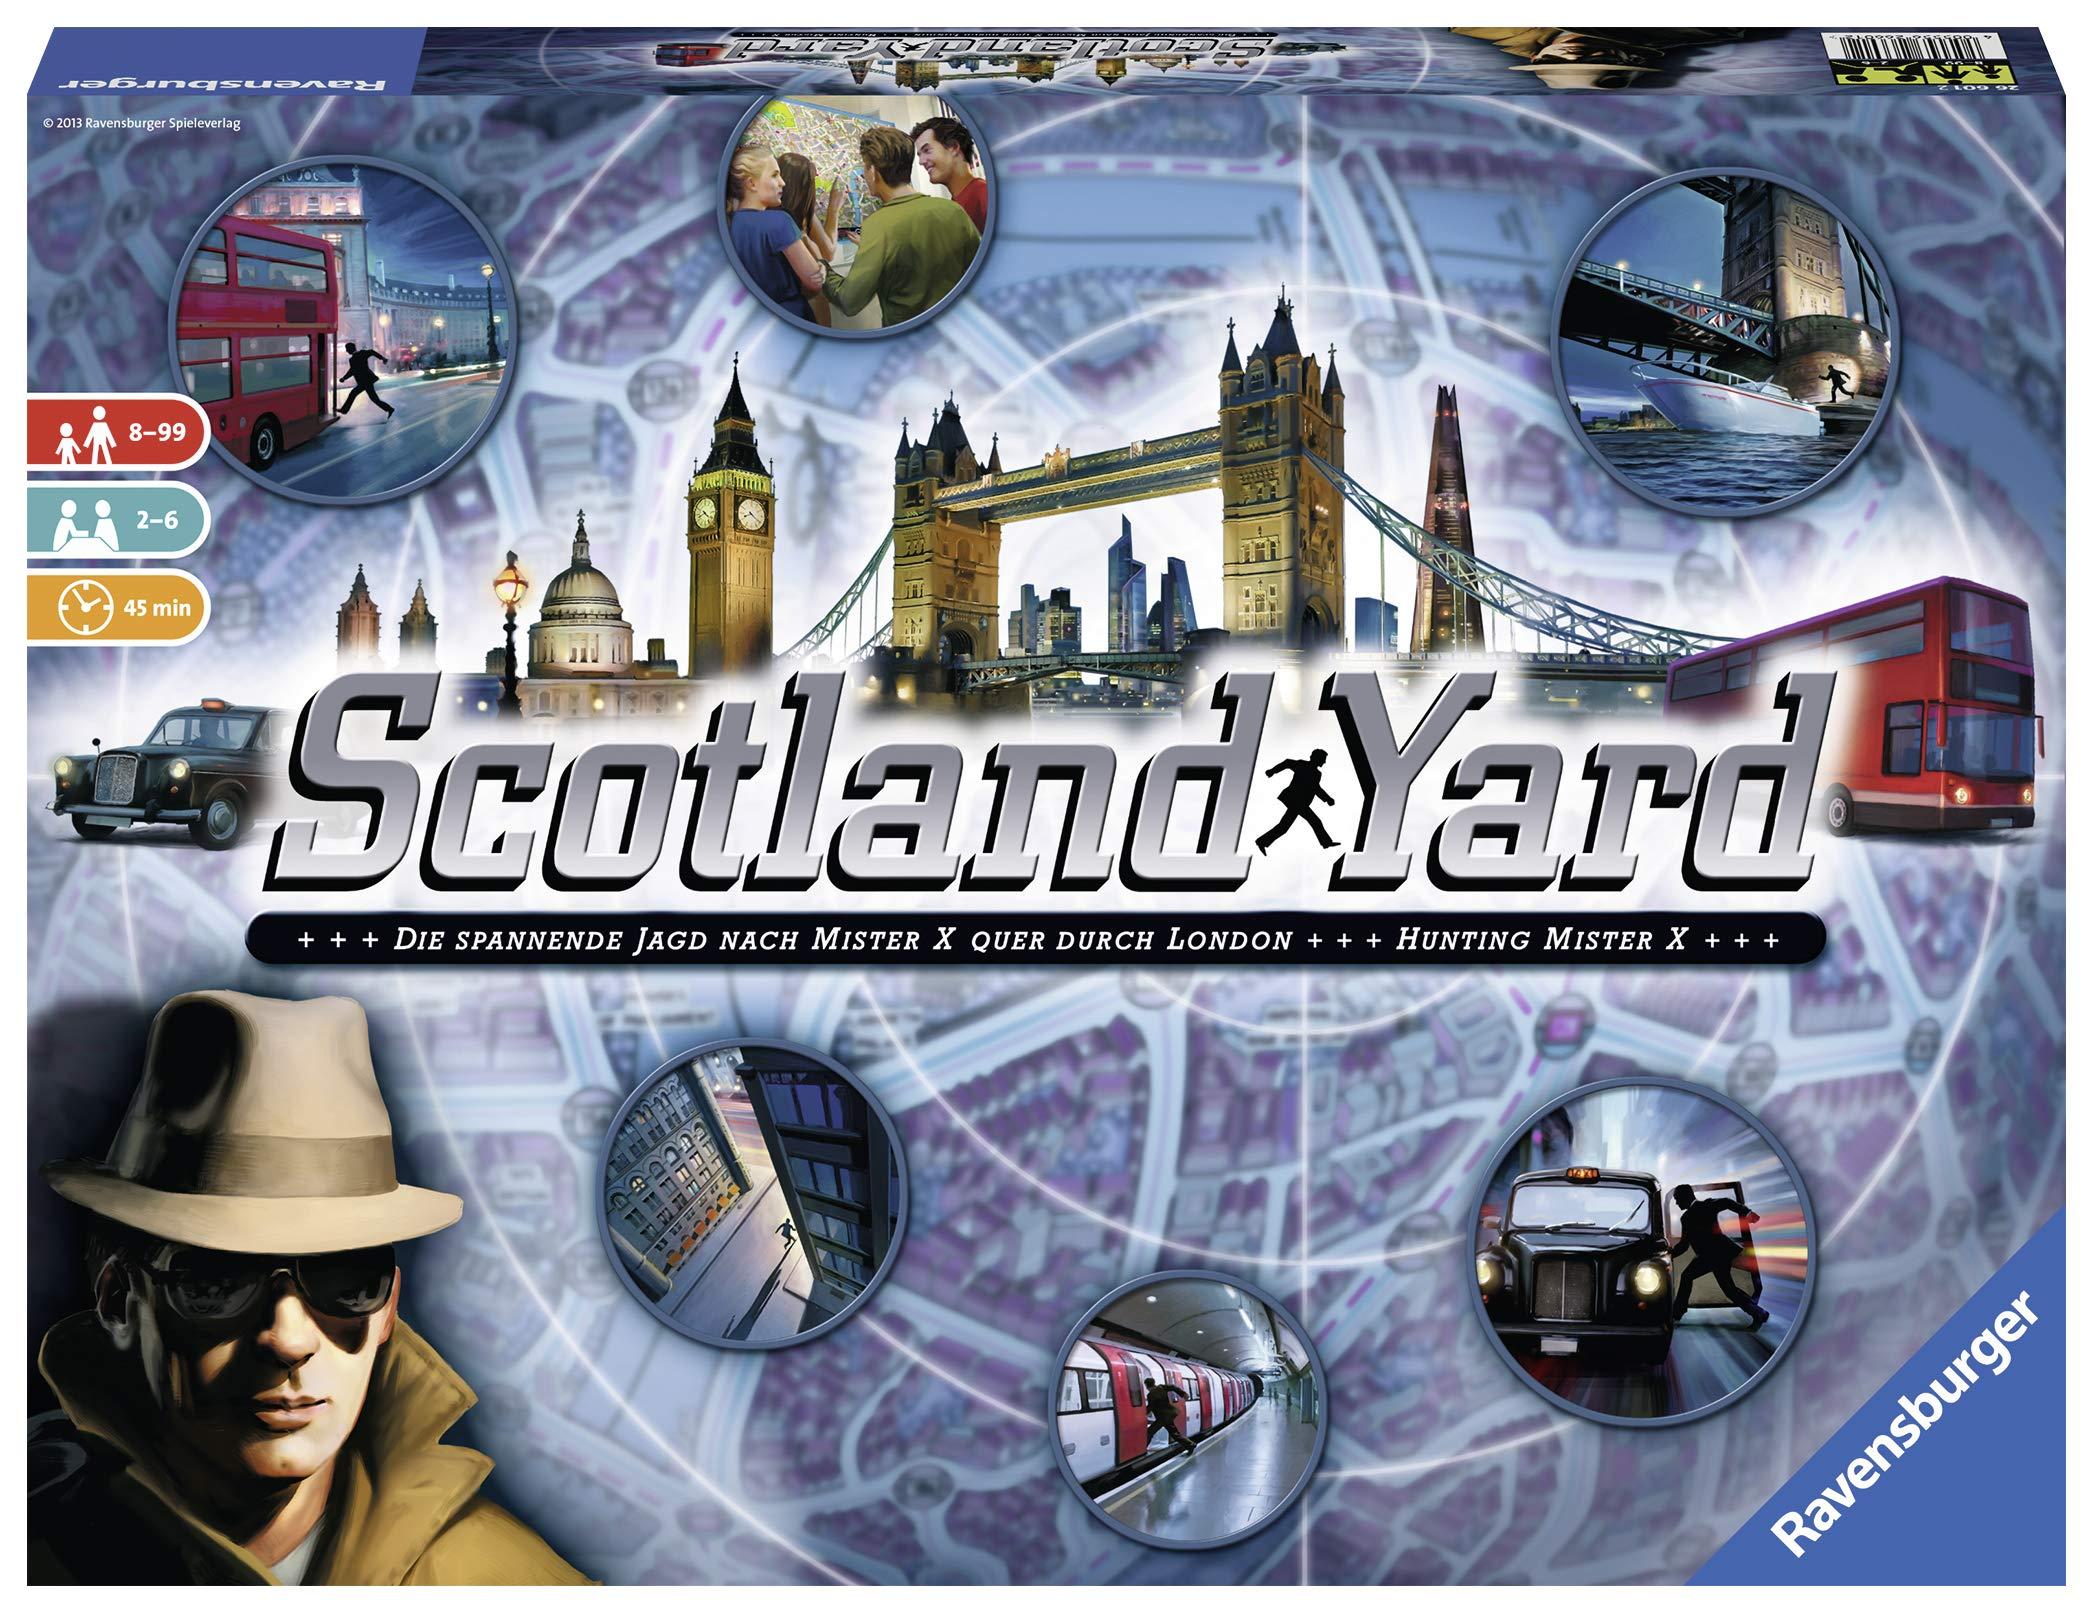 Scotland Yard Strategiespiel von Ravensburger - 26601 / Das spannende Detektiv-Kultspiel für die ganze Familie